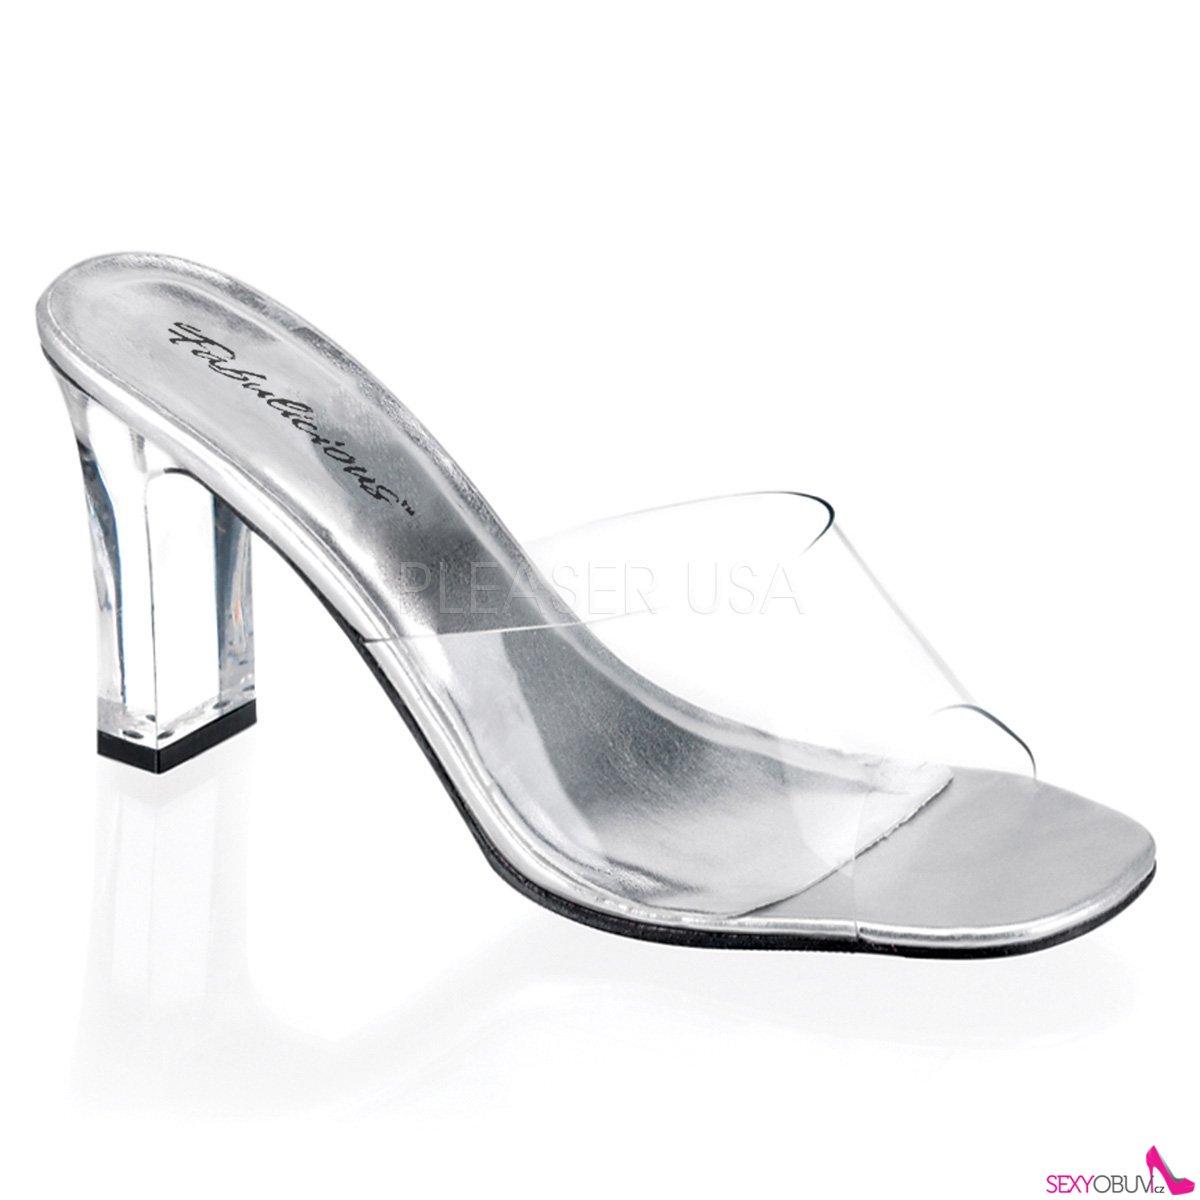 6c0a14125d9 ROMANCE-301 Průhledné pantoflíčky na středním podpatku